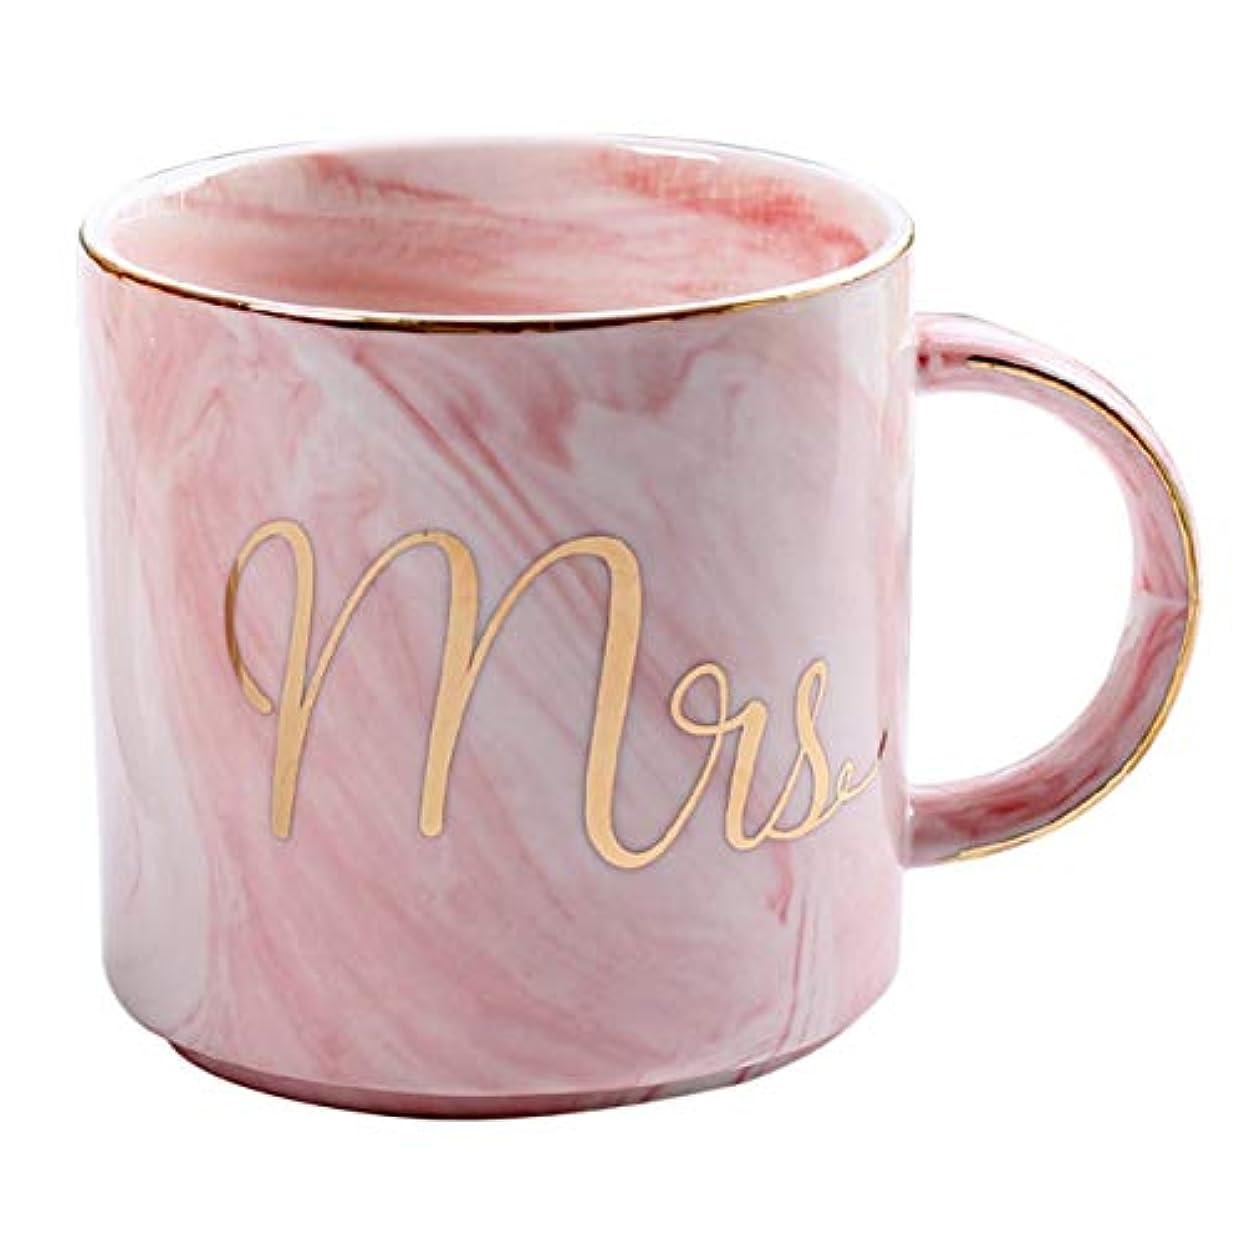 連想ソケット爆発物Saikogoods 愛好家のためのホームオフィスベストギフトのための美しいMarbelパターンセラミック水マグレタープリントコーヒーカップ ピンク